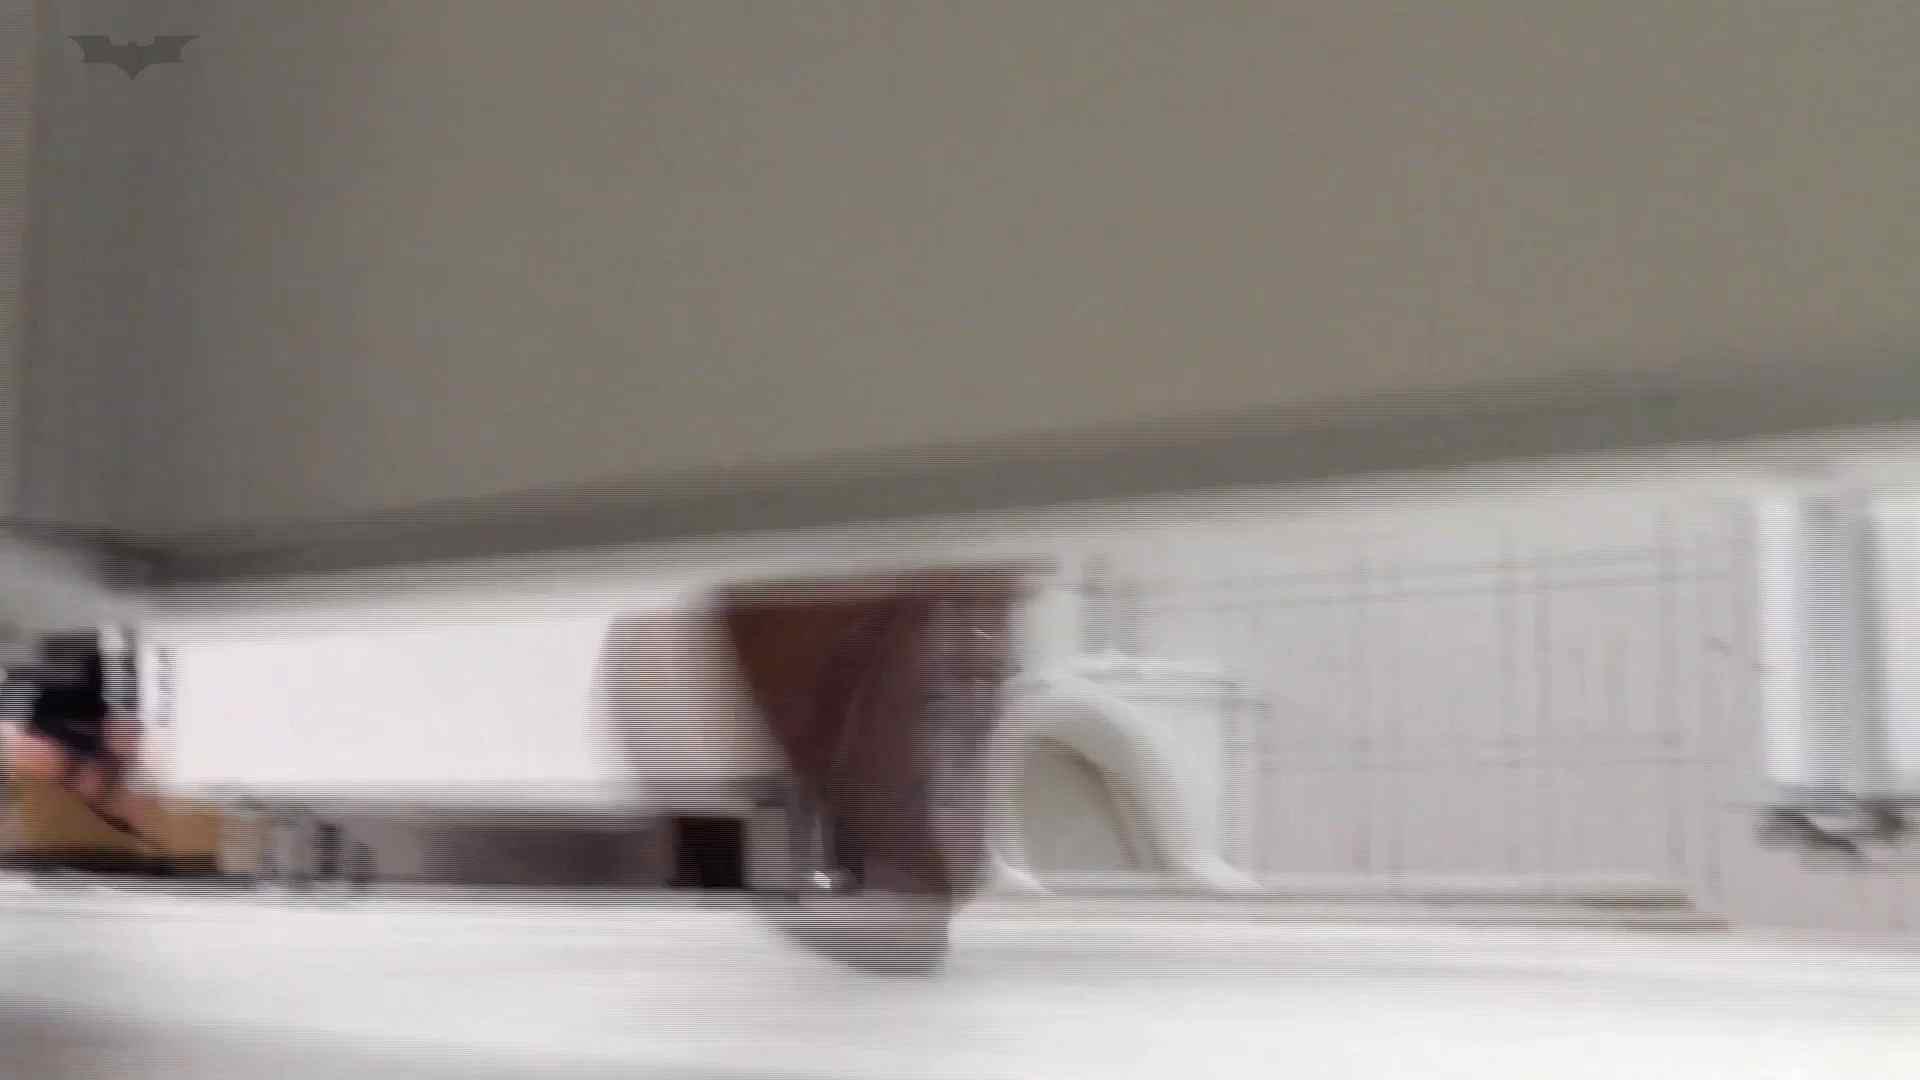 美しい日本の未来 No.29 豹柄サンダルは便秘気味??? 覗き おめこ無修正動画無料 81連発 34